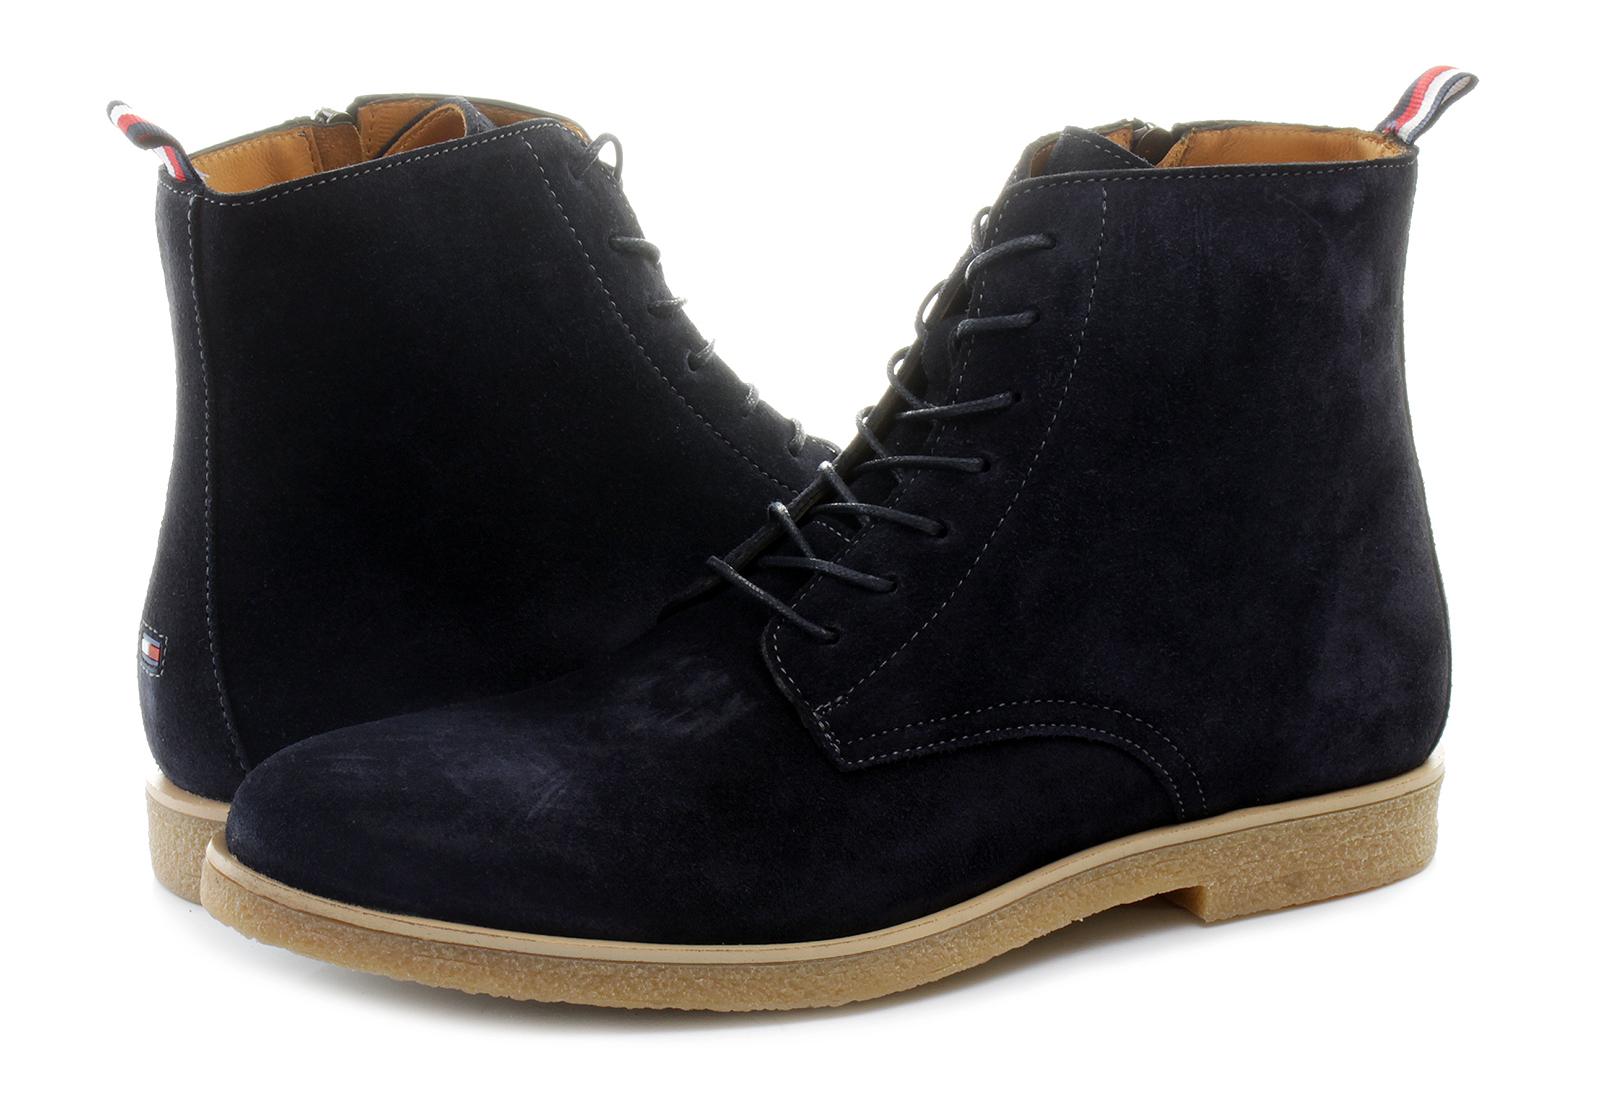 tommy hilfiger boots william 3b 17f 1018 403 online. Black Bedroom Furniture Sets. Home Design Ideas